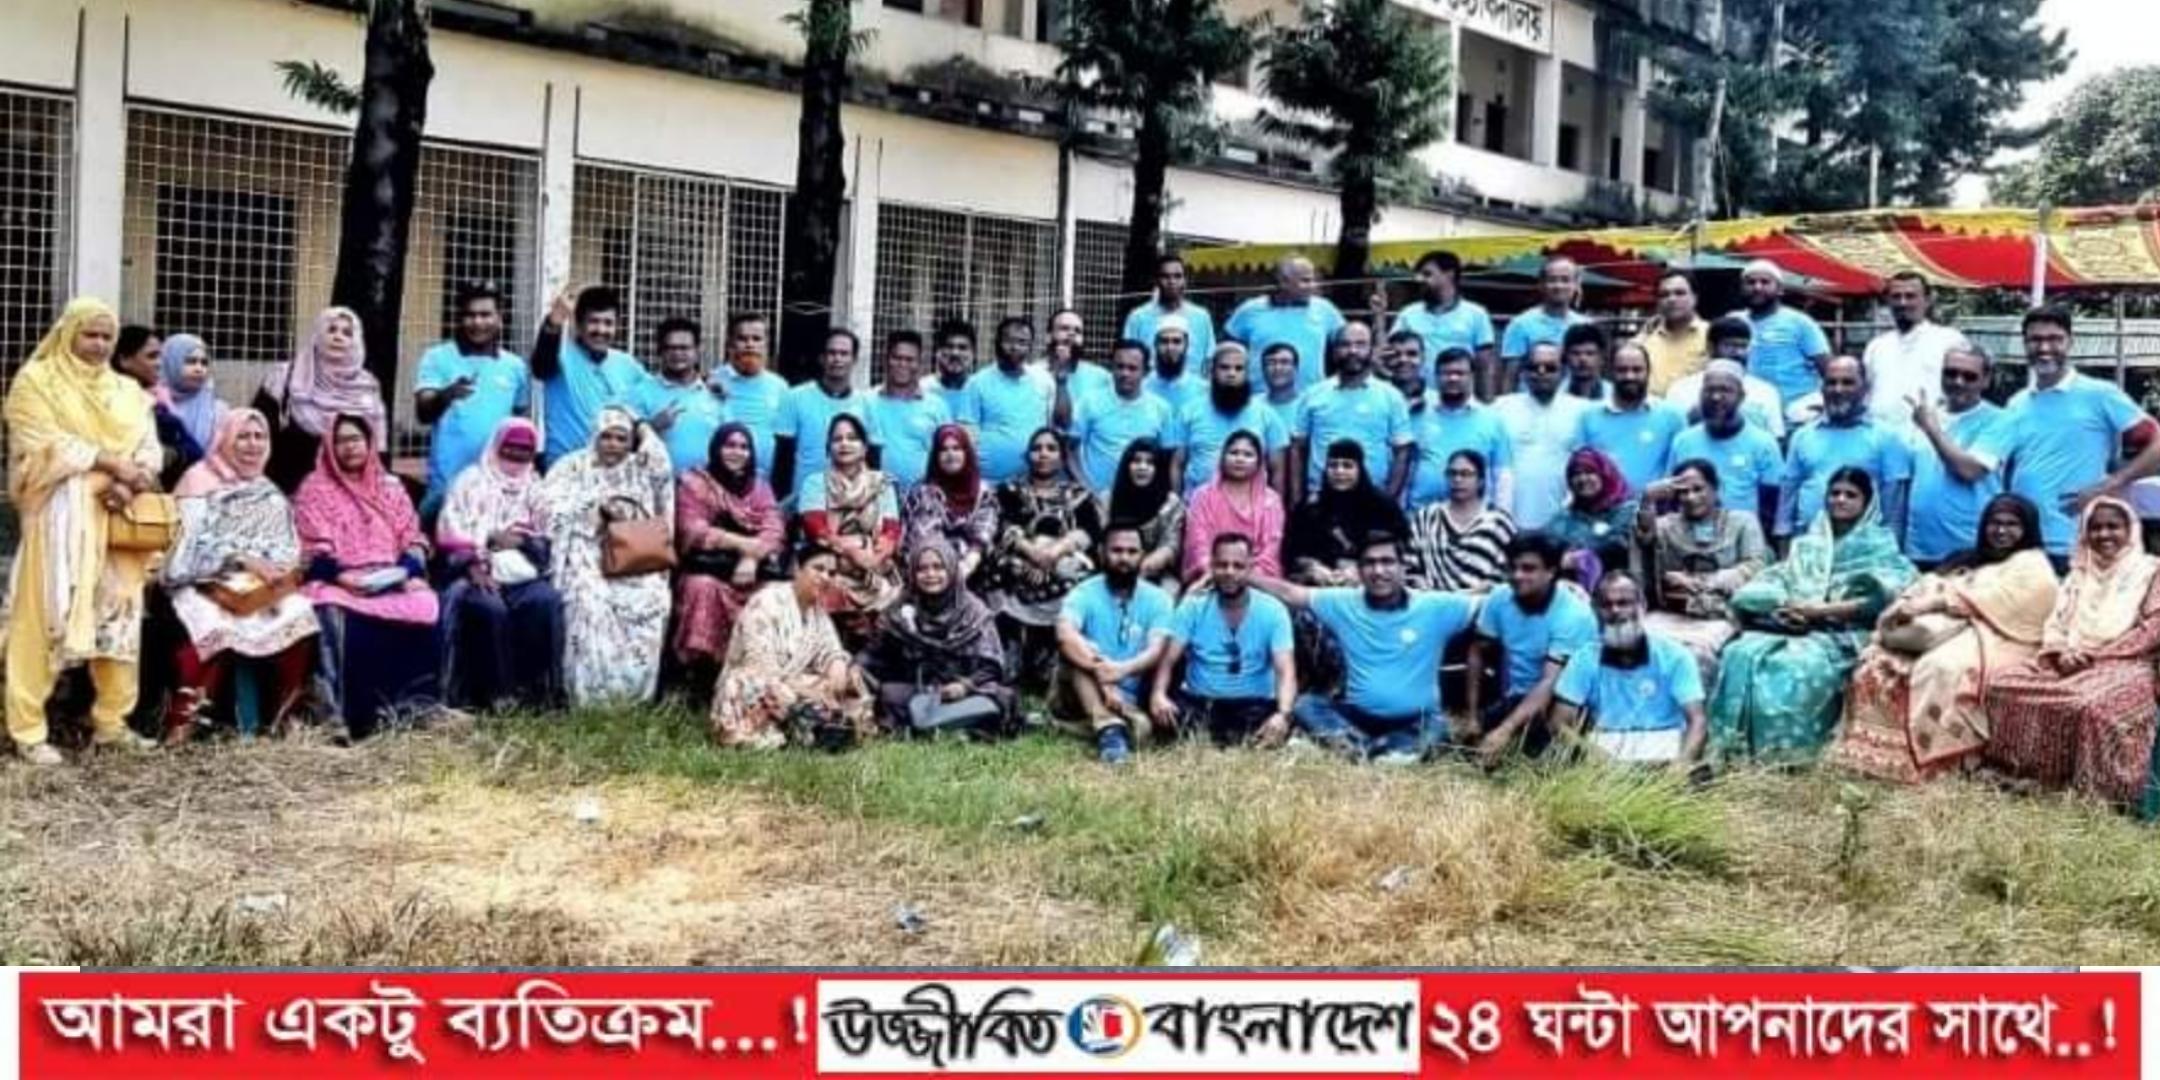 ফতুল্লা পাইলট উচ্চ বিদ্যালয়ের ৯১ ব্যাচ`র ৩০ বছর পূর্তি উদযাপন